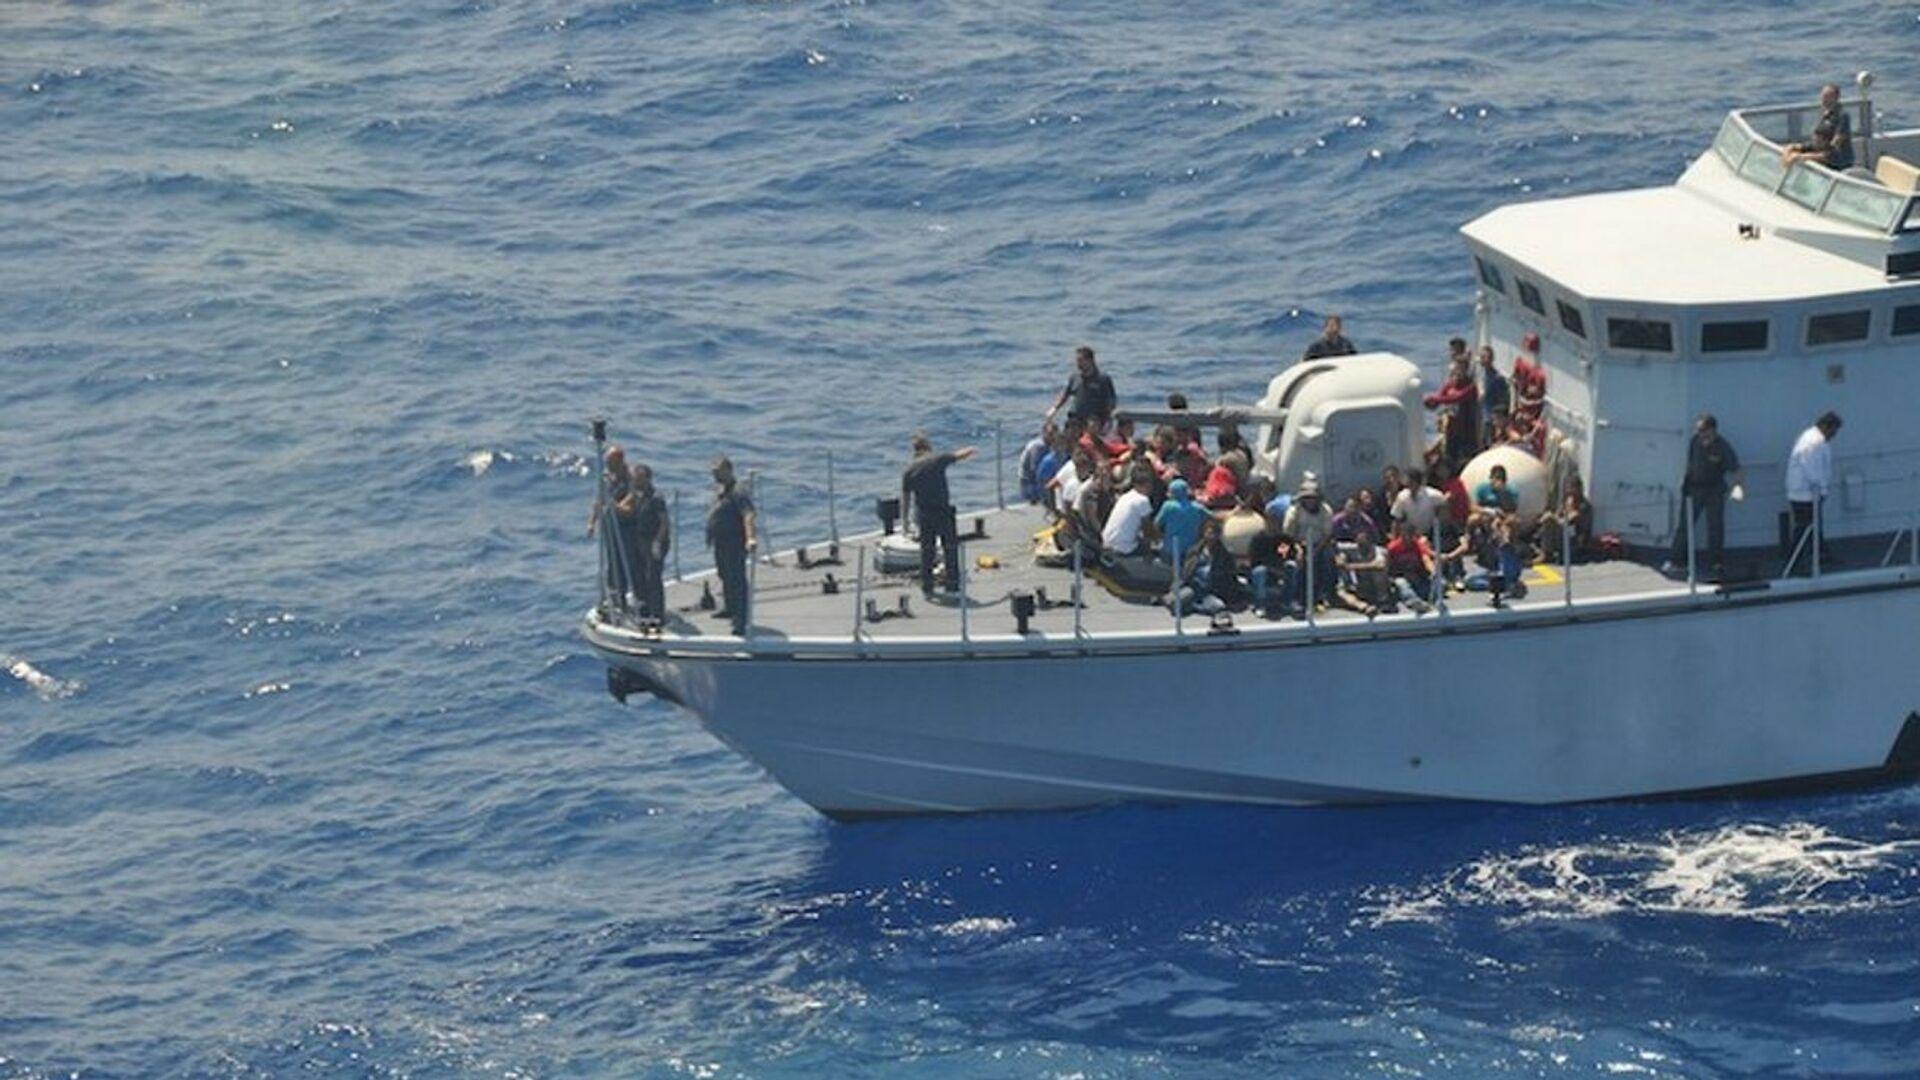 Soccorso di un barcone di clandestini al largo delle coste italiane - Sputnik Italia, 1920, 04.06.2021